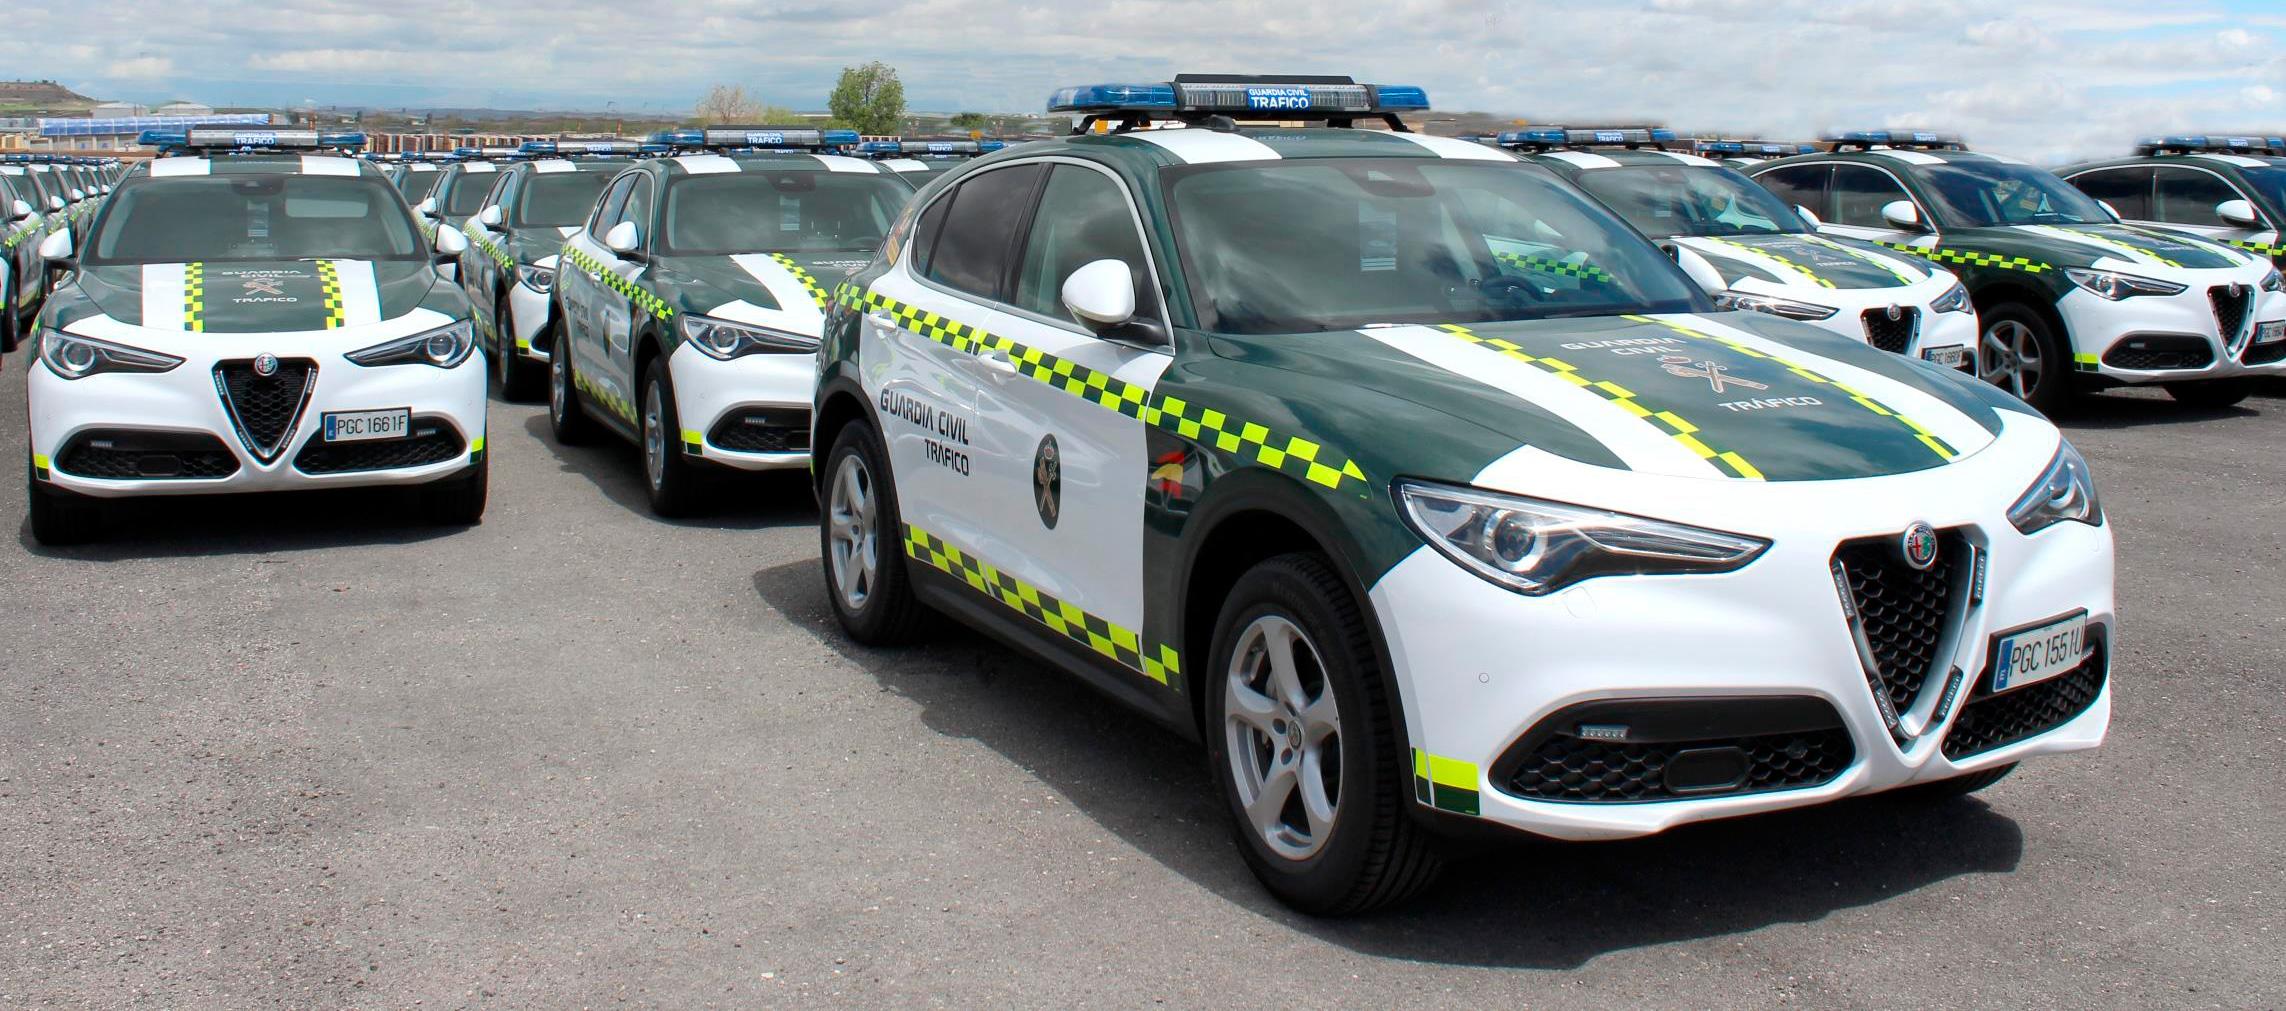 La Agrupación de Tráfico de la Guardia Civil circula en Alfa Romeo Stelvio